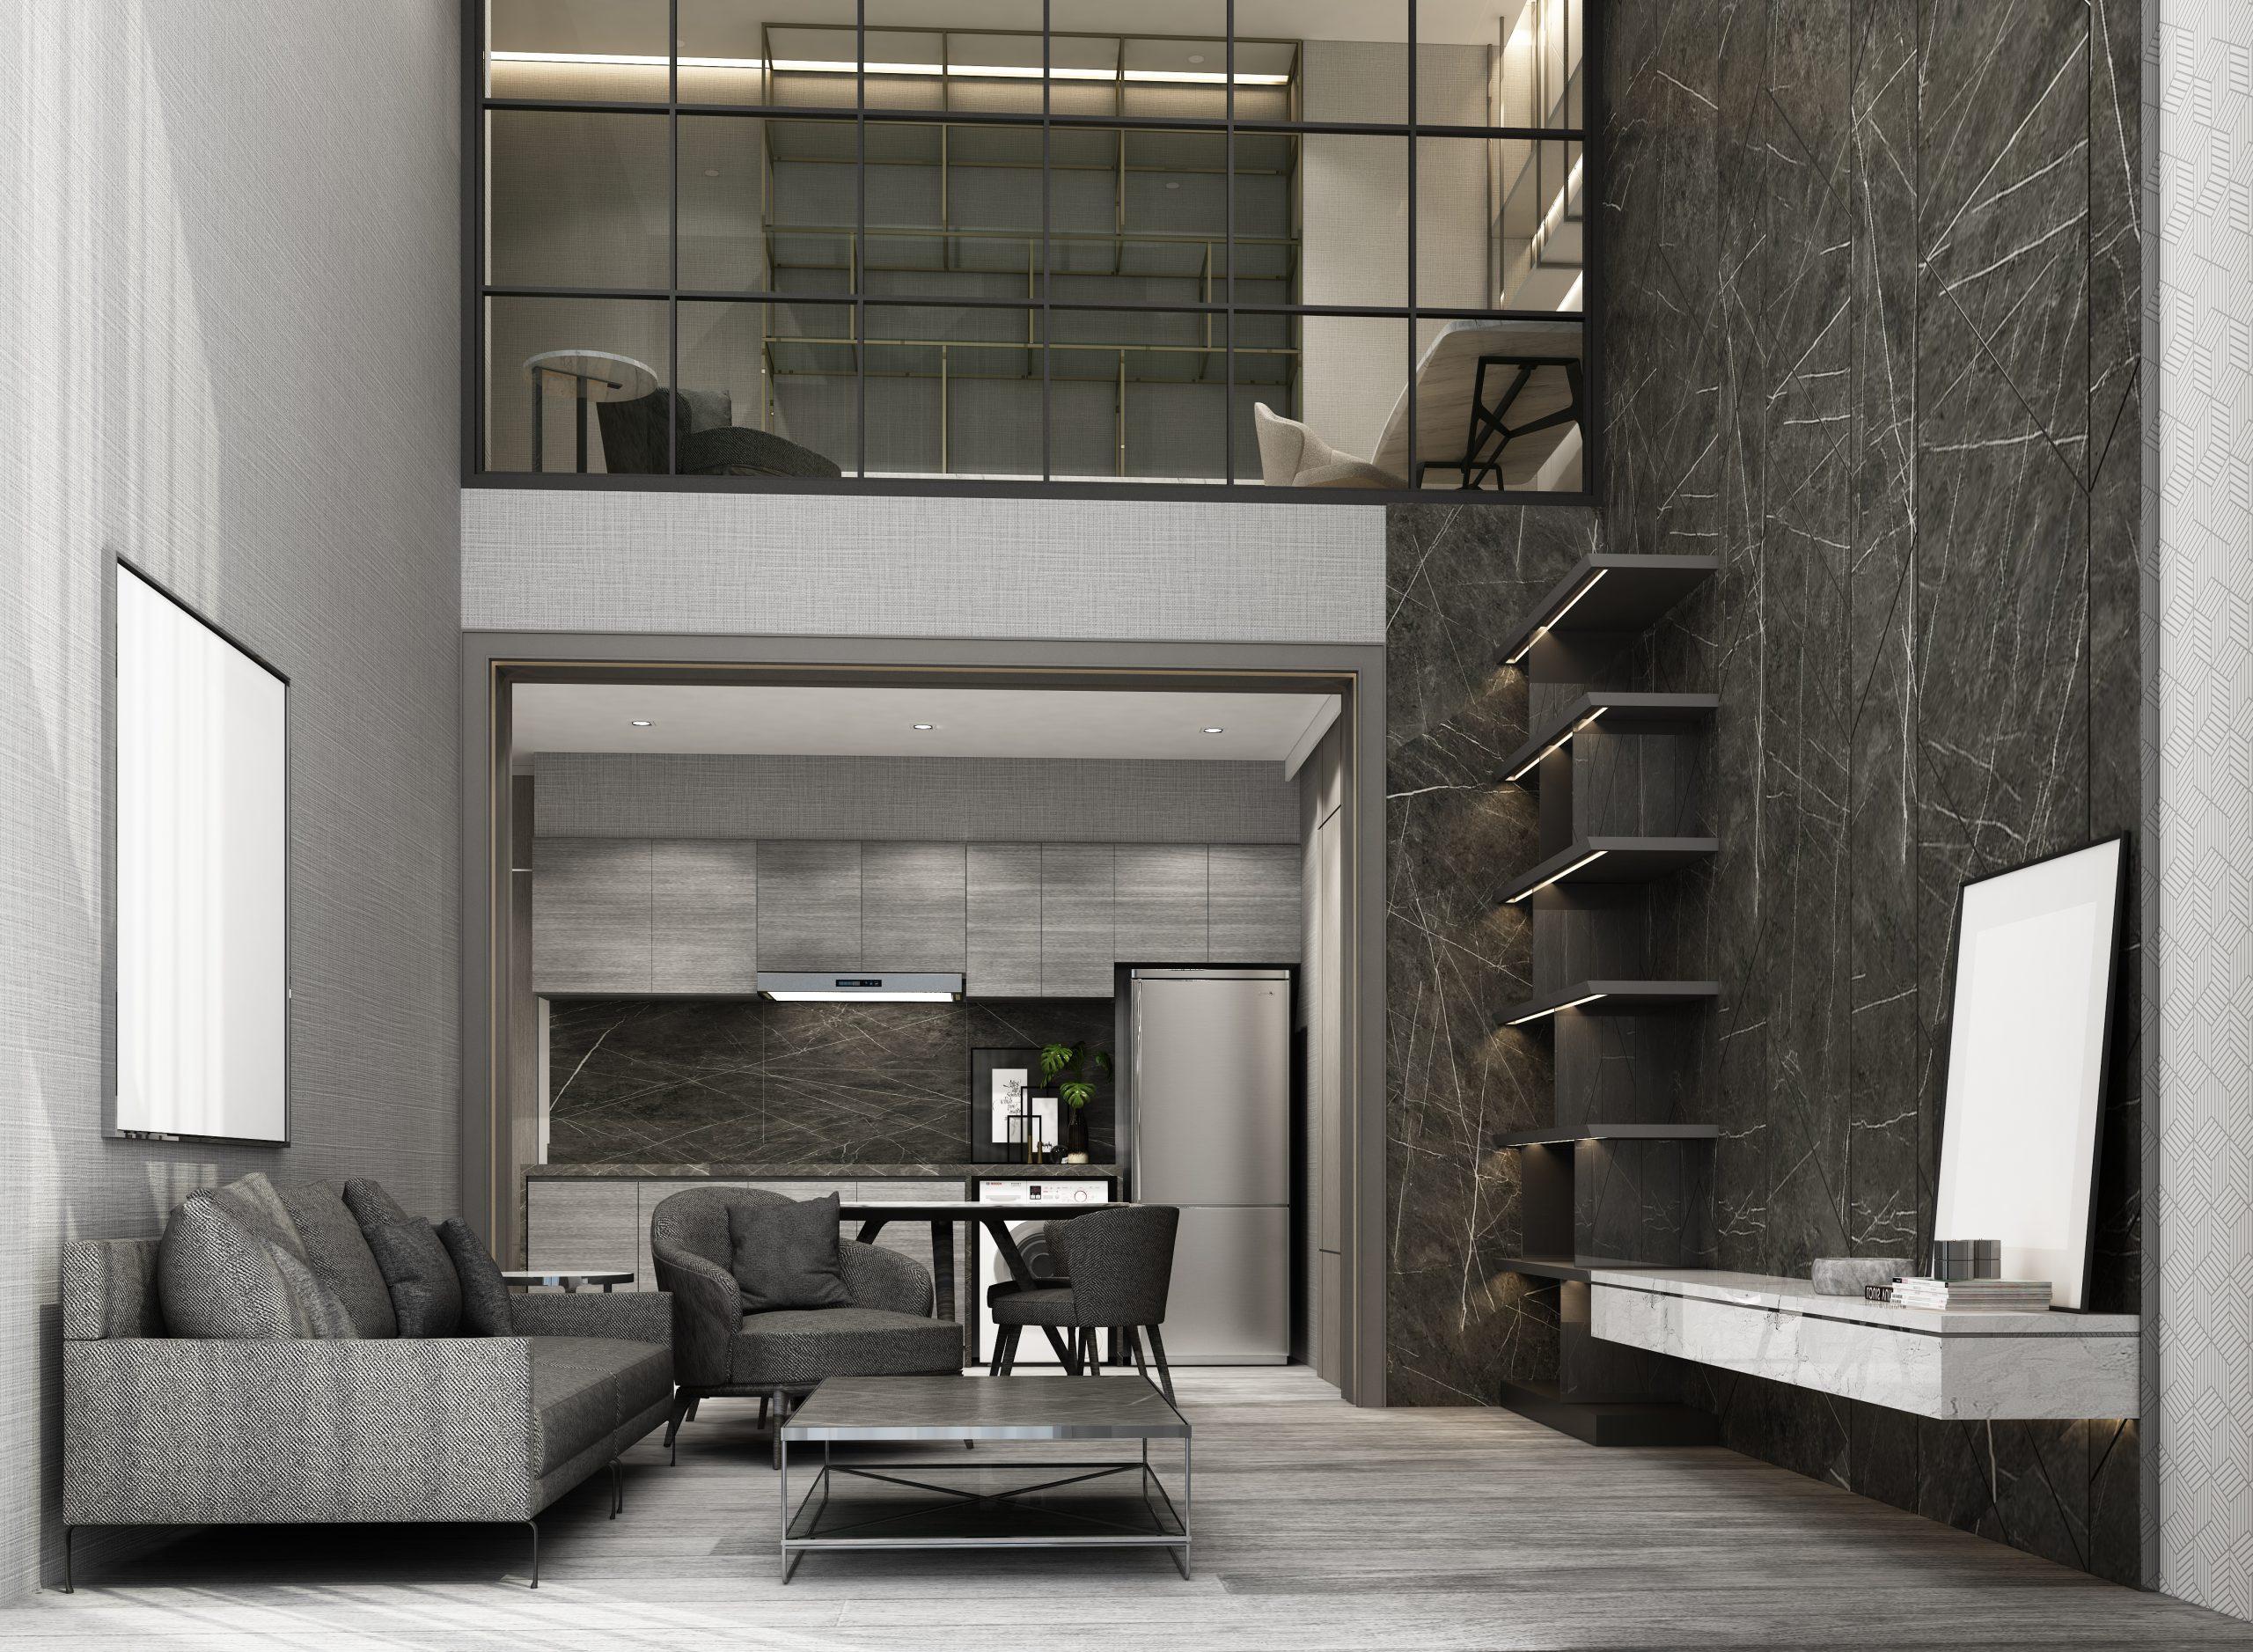 Comment décorer un intérieur avec un plafond haut ?